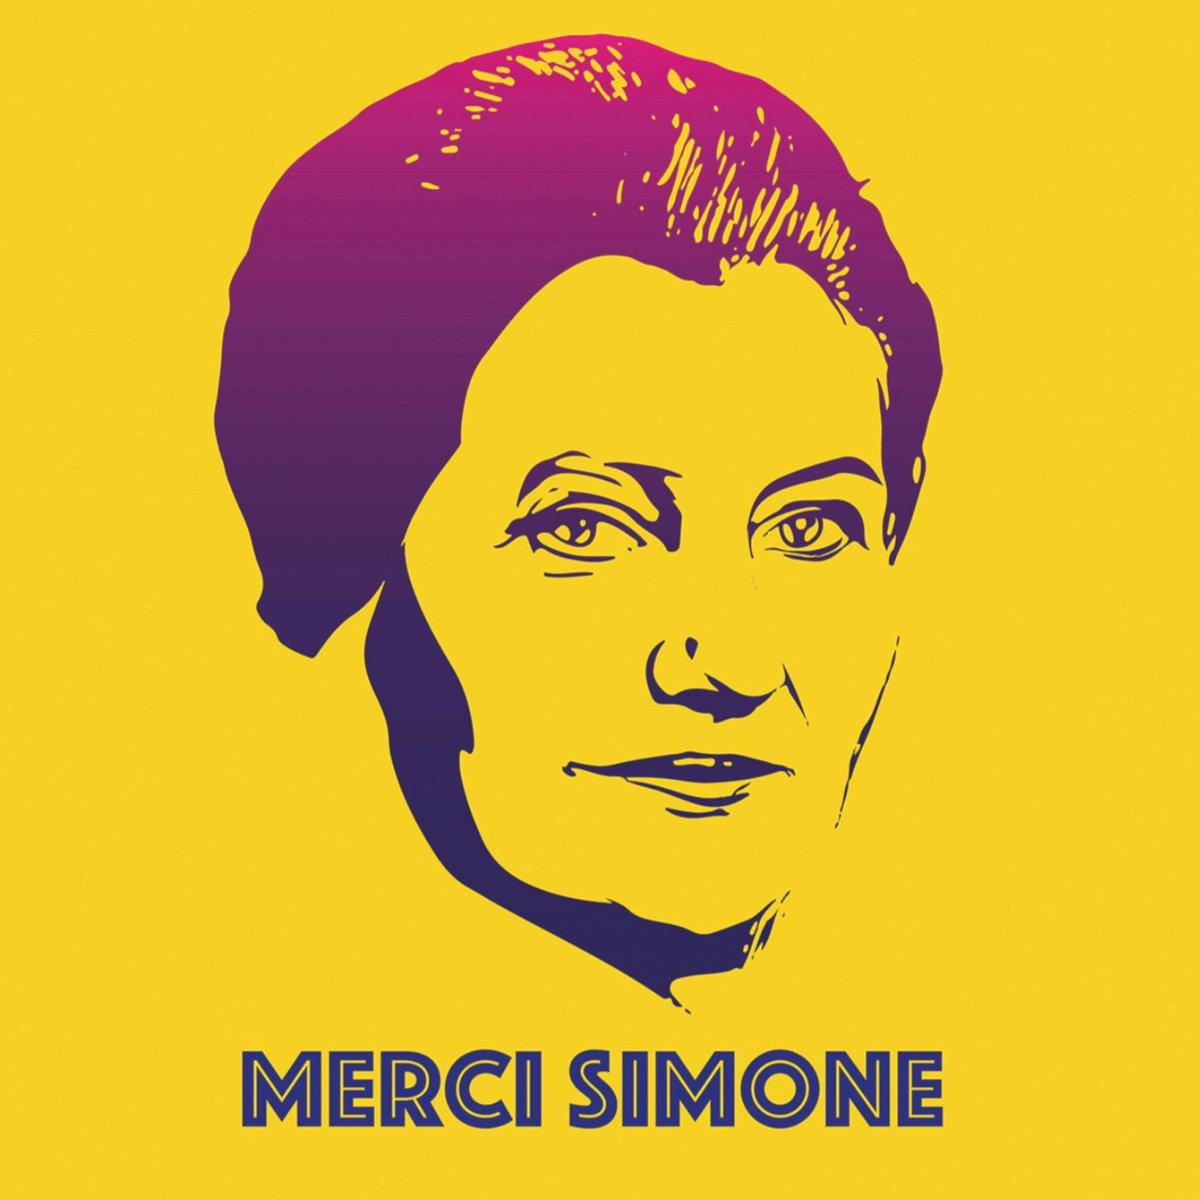 «Nous ne pouvons plus fermer les yeux sur les avortements qui, chaque année, mutilent les femmes de ce pays, qui bafouent nos lois et qui humilient ou traumatisent celles qui y ont recours.» Simone Veil, 1974 #IVG #MarchePourLaVie